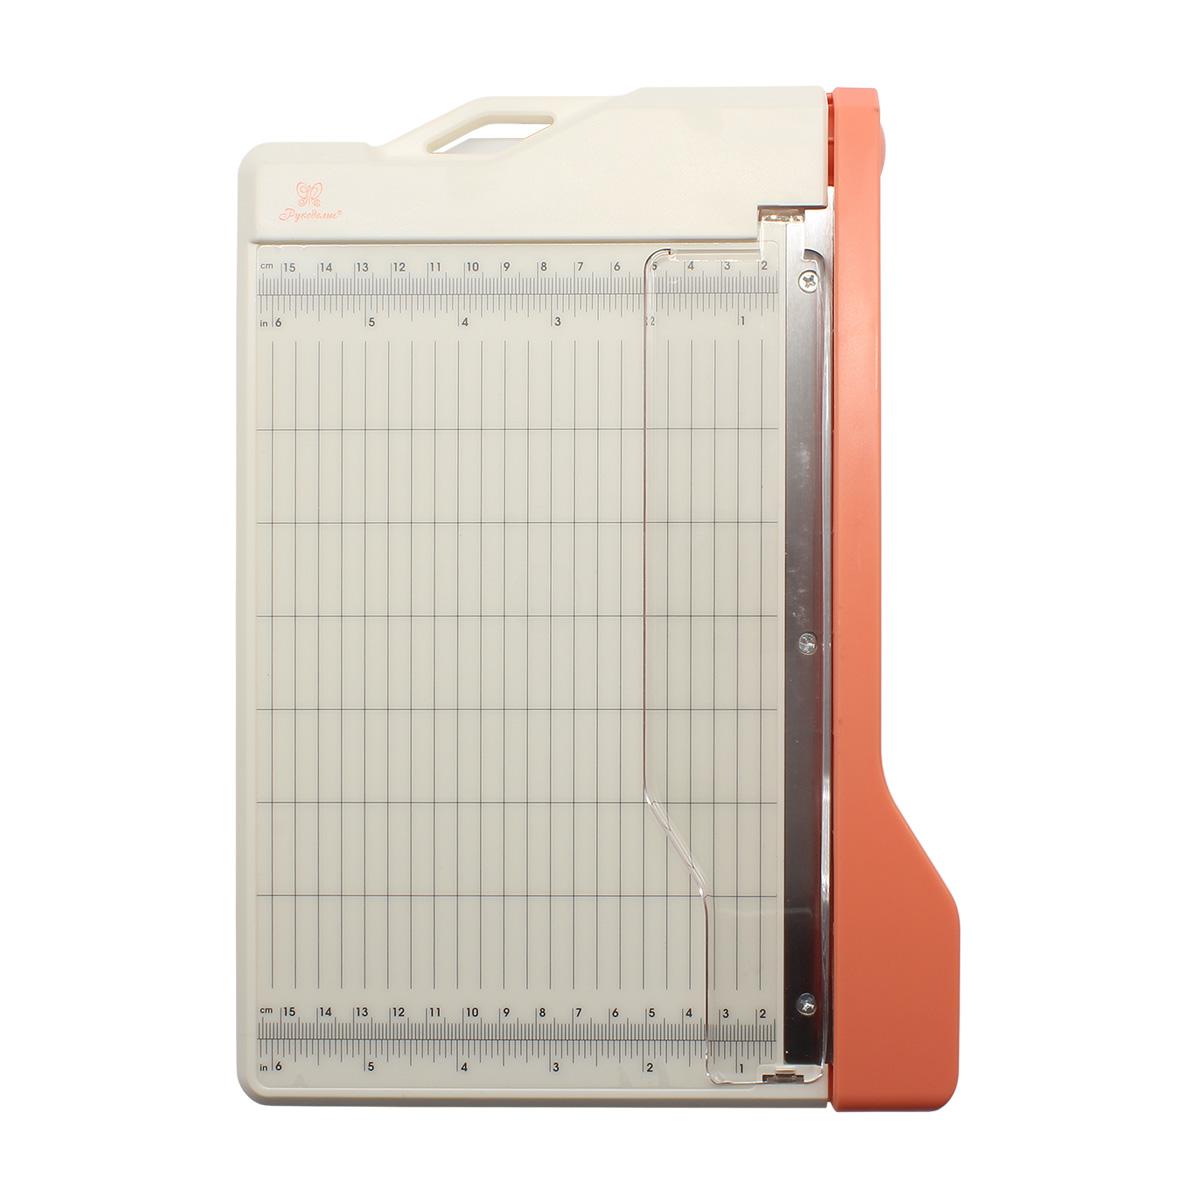 RDB(G)-685 Резак для бумаги гильотинный (22см (8.5)) 'Рукоделие'